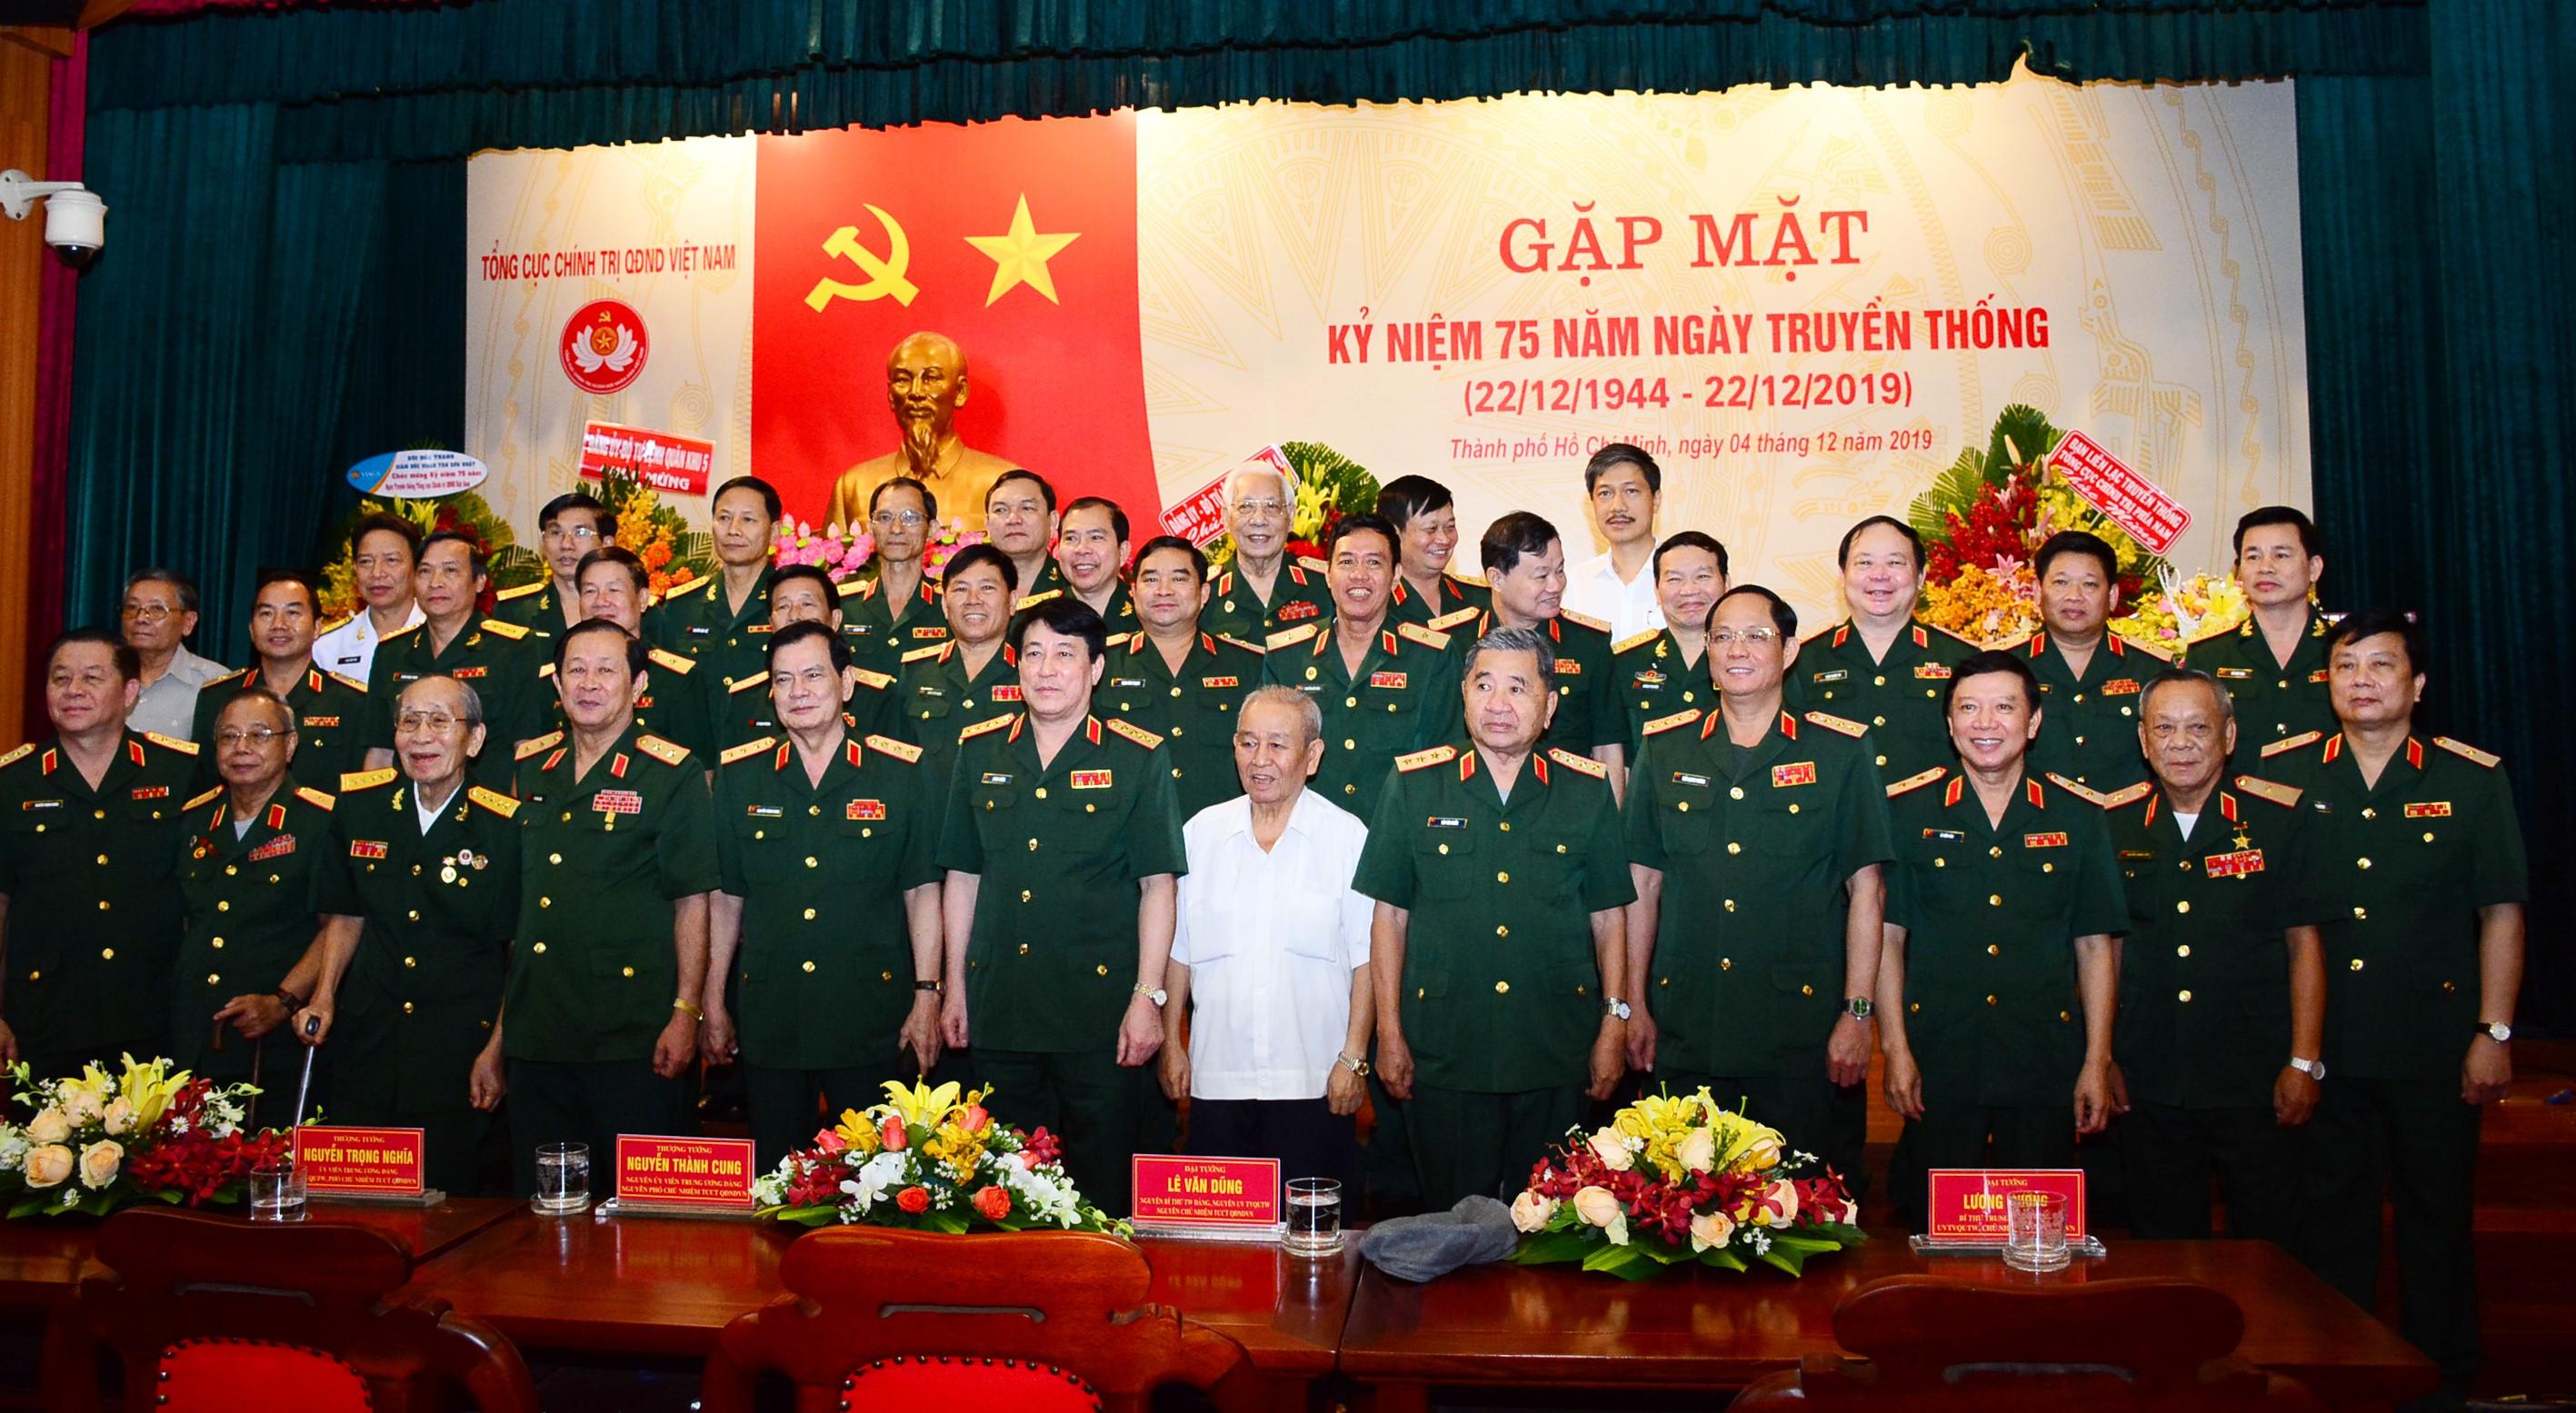 Tổng cục Chính trị gặp mặt kỷ niệm 75 năm ngày truyền thống  